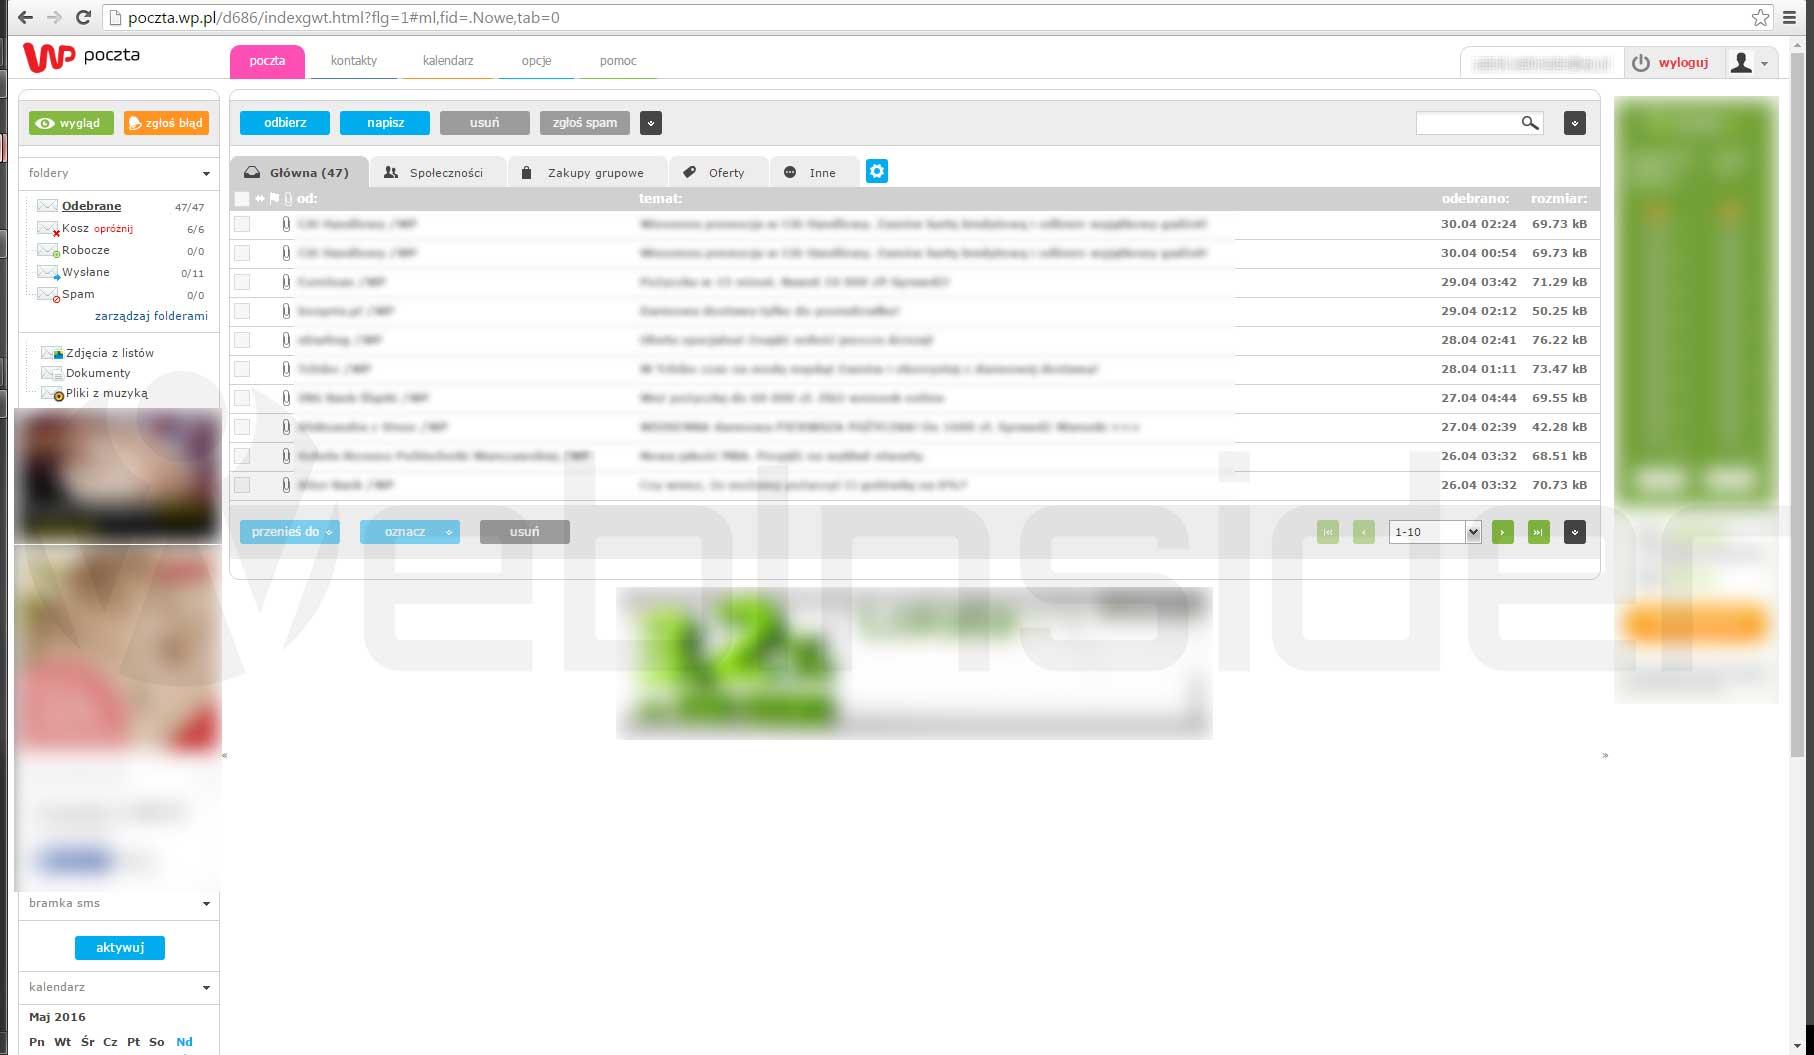 test_poczta-email_reklamy_201604_wp-pl